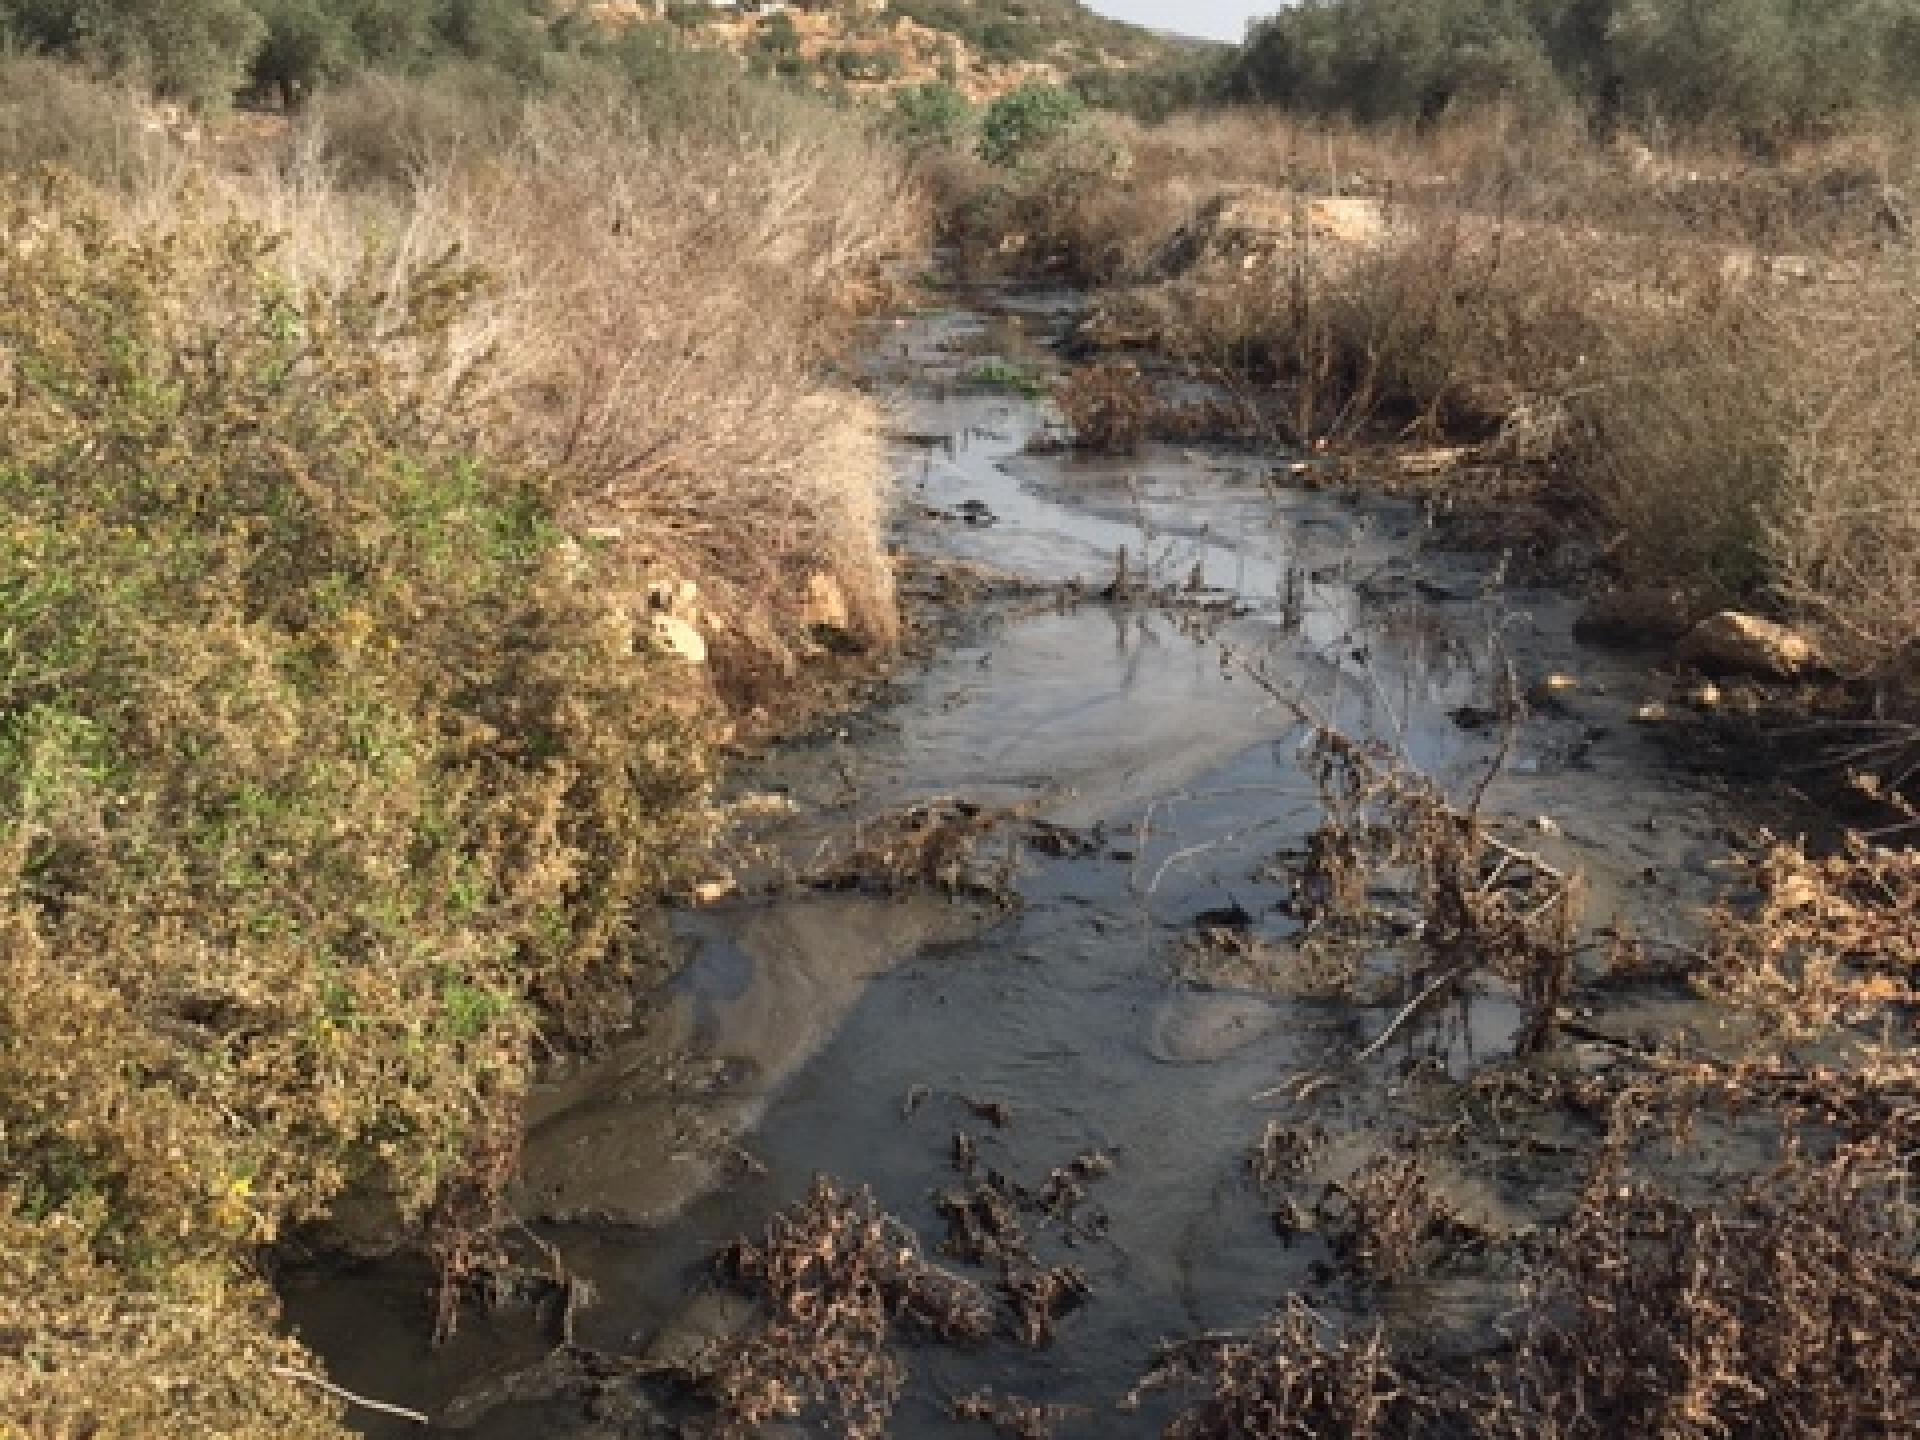 השפכים של ההתנחלויות בין המטעים של כפר א-דיכ